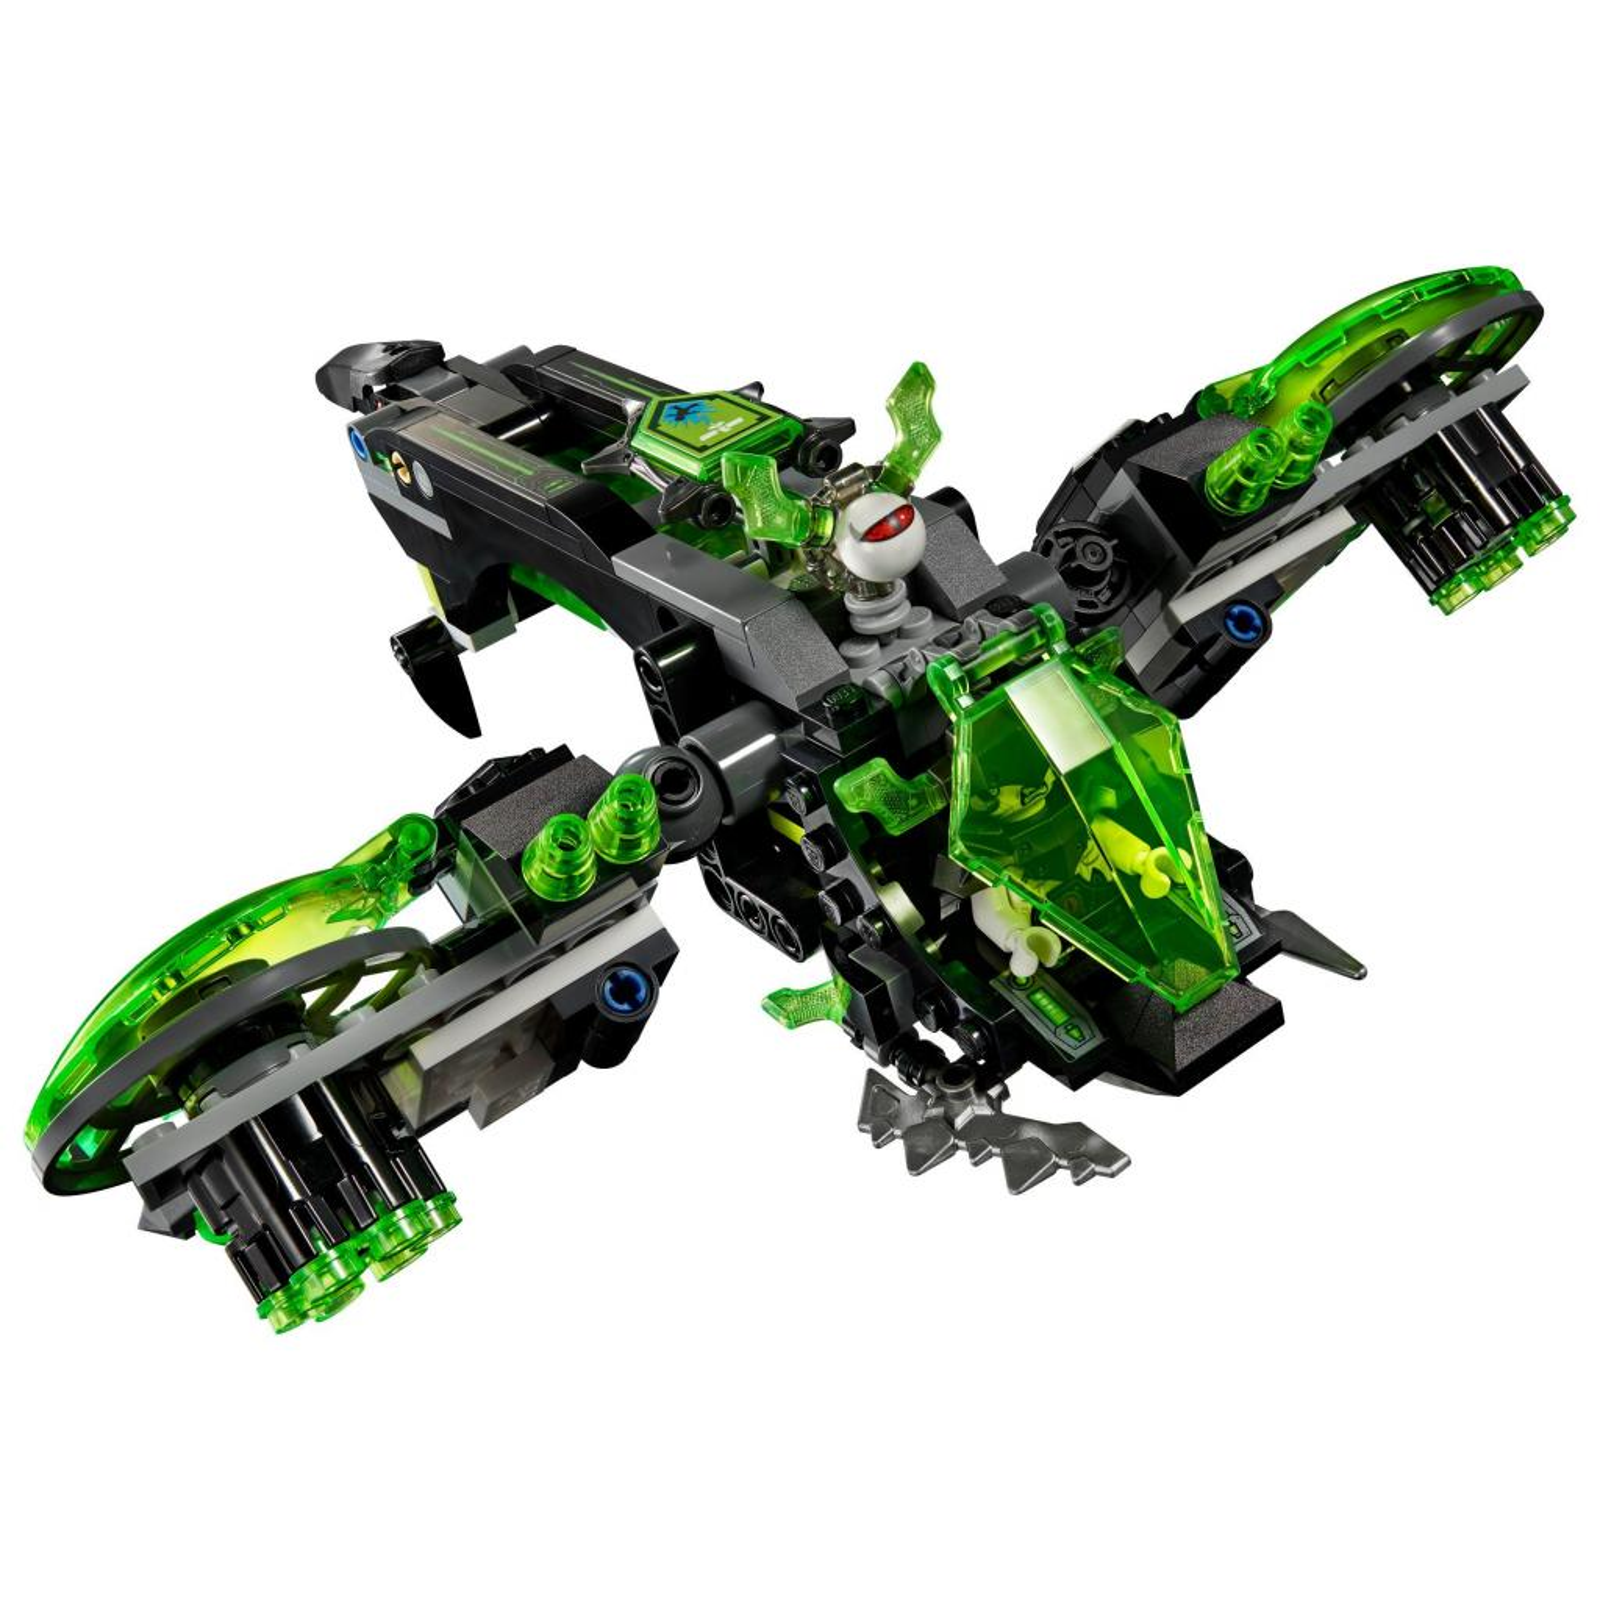 Конструктор LEGO Nexo Knights Бомбардировщик Берсеркер (72003) изображение 4